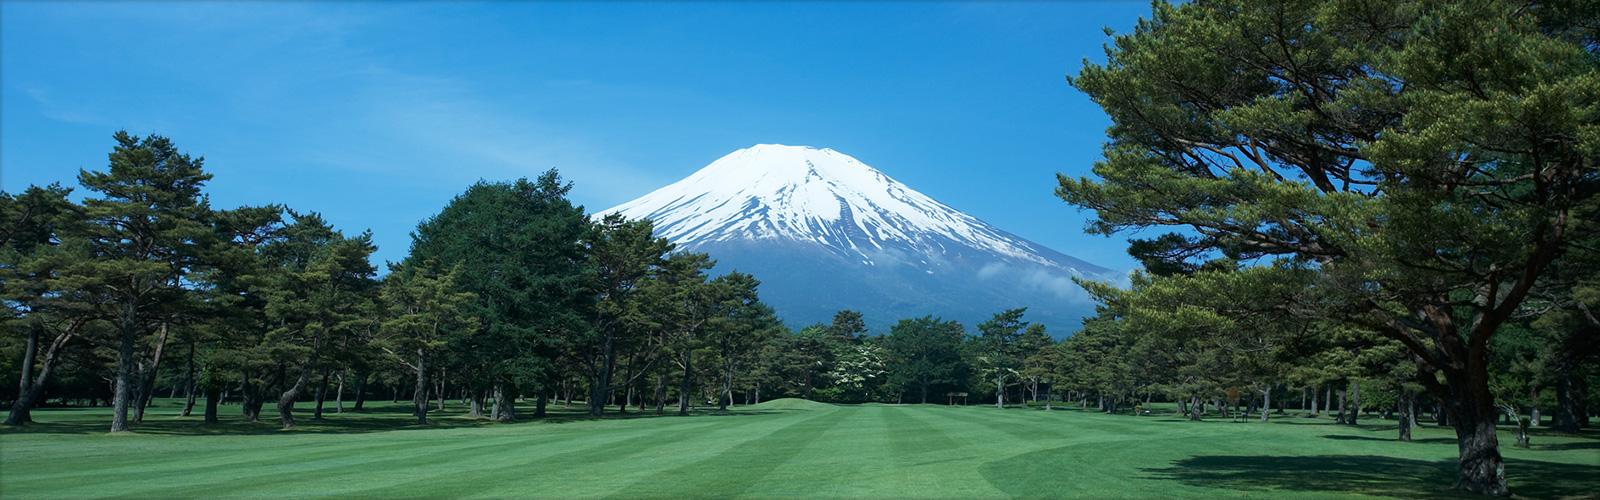 「最適合打高爾夫球的國家」——到日本來場夢幻高爾夫球之旅吧!